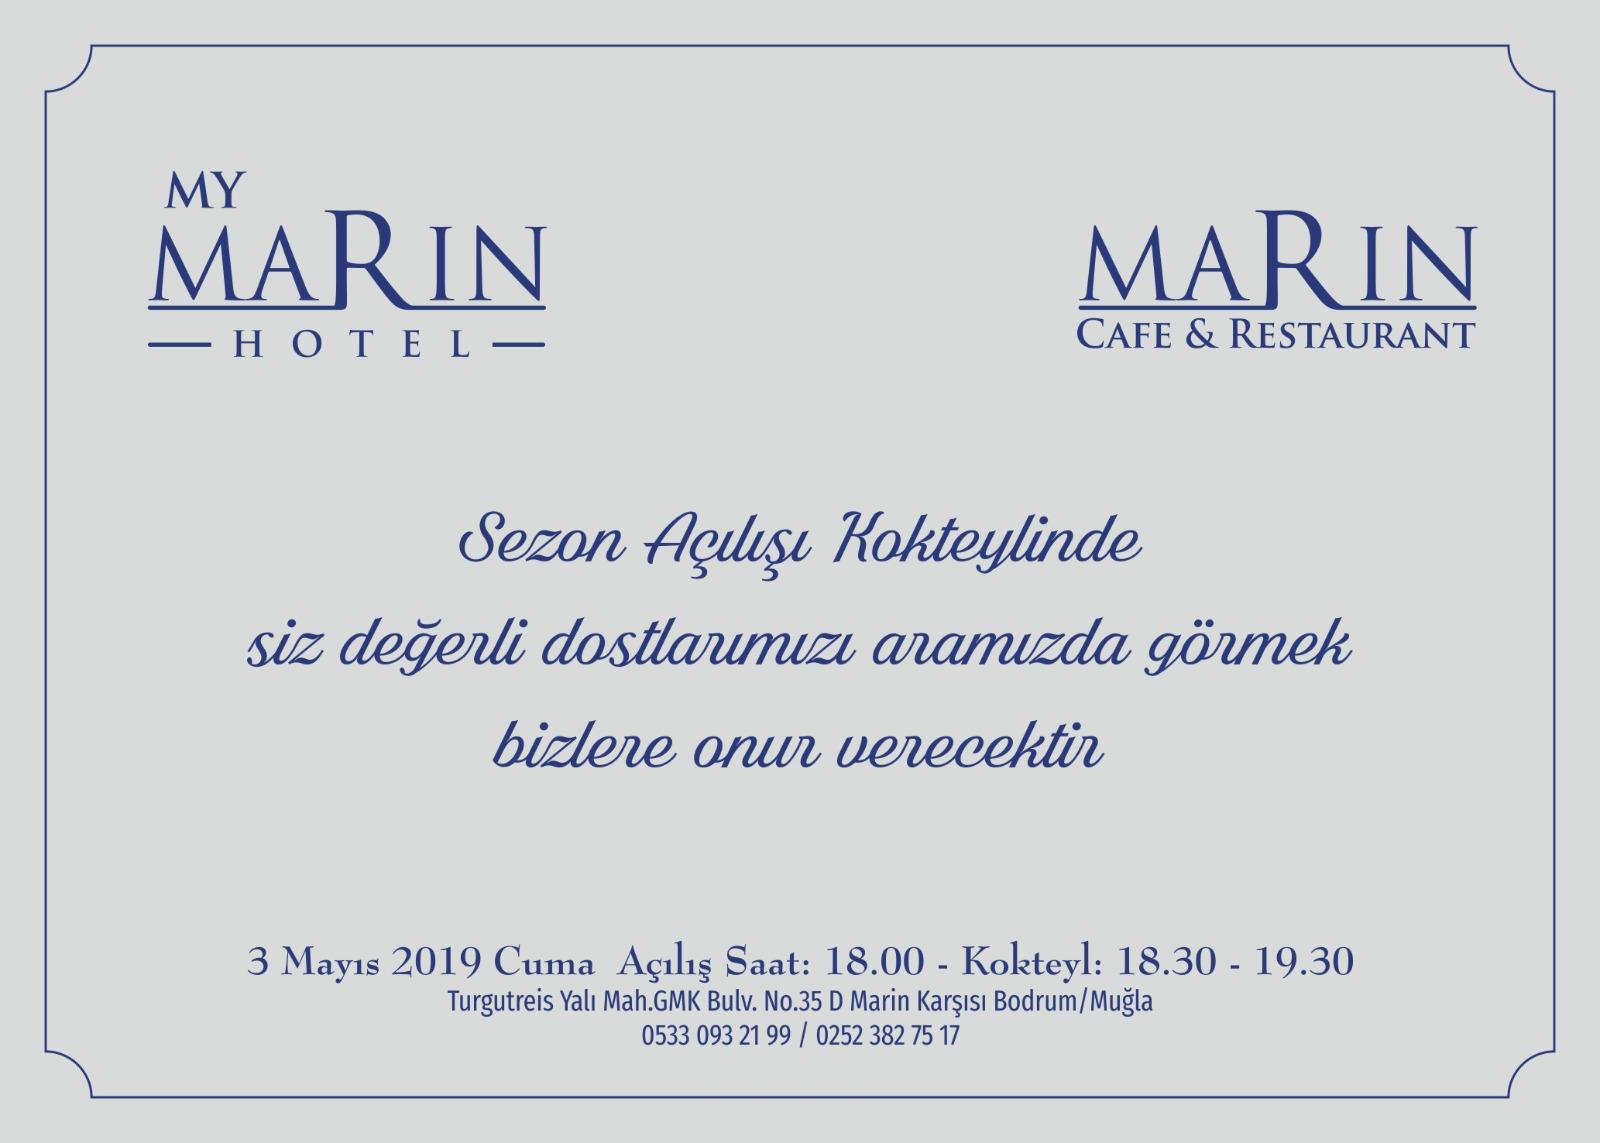 MY MARIN OTEL&MY MARIN RESTAURANT AÇILIŞ KOKTEYLİMİZE DAVETLİSİNİZ